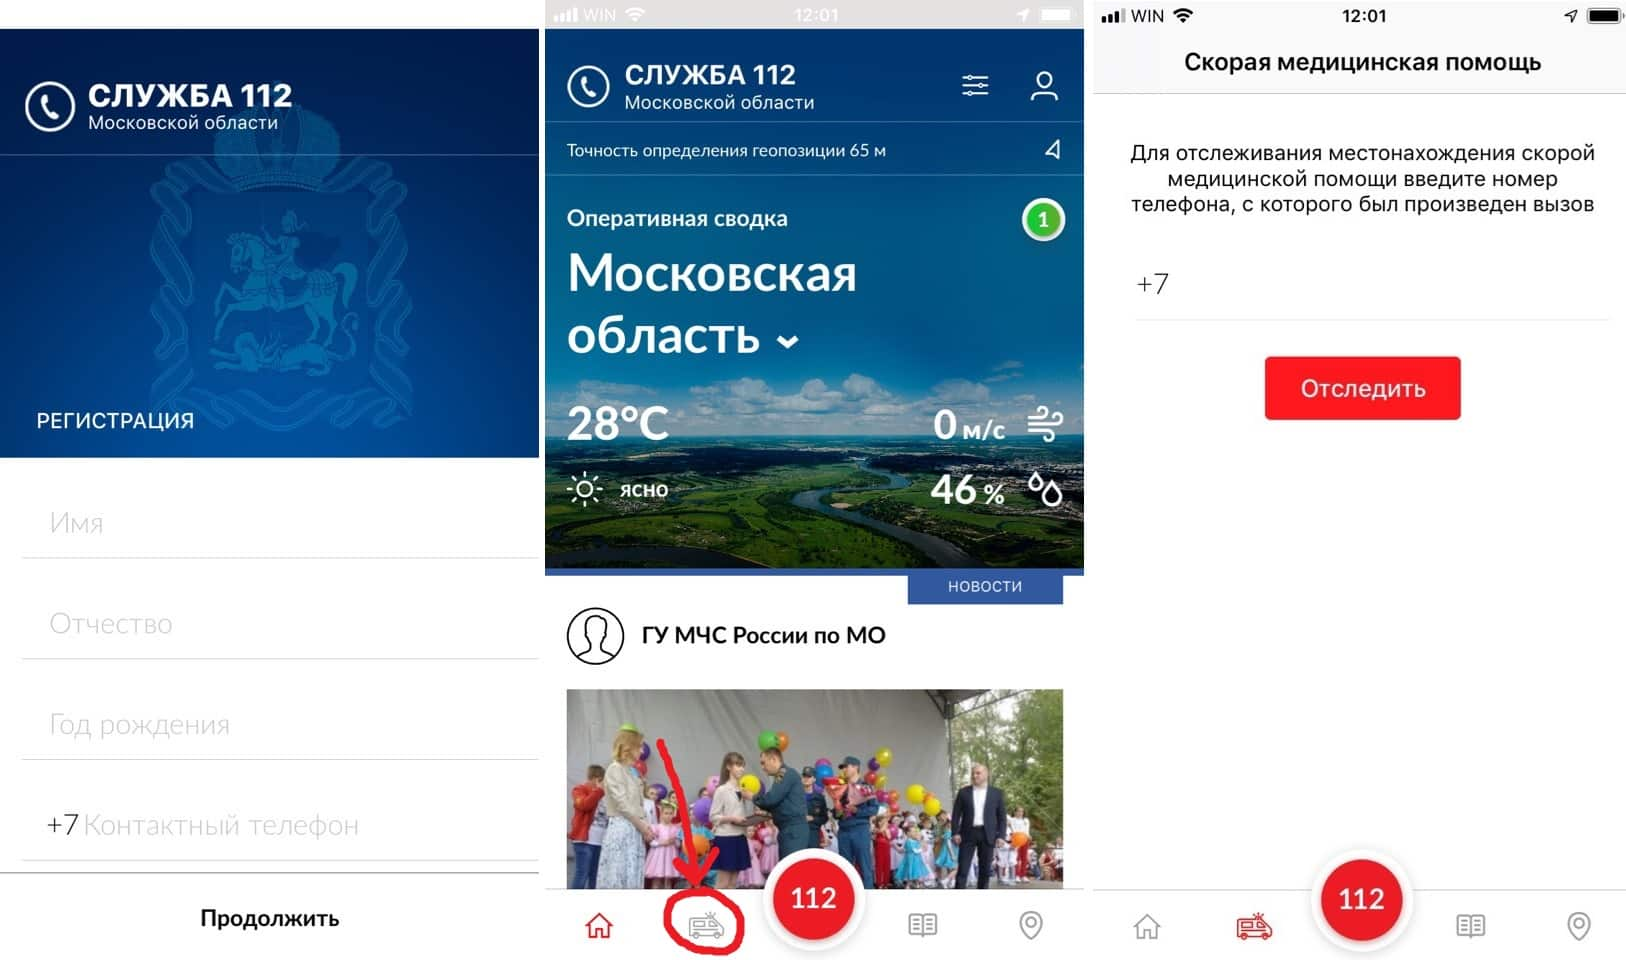 В Московской области начало работу приложение, по которому можно отследить передвижение бригады «скорой», которая направляется к вам на вызов. Об этом сообщила пресс-служба Правительства Подмосковья.